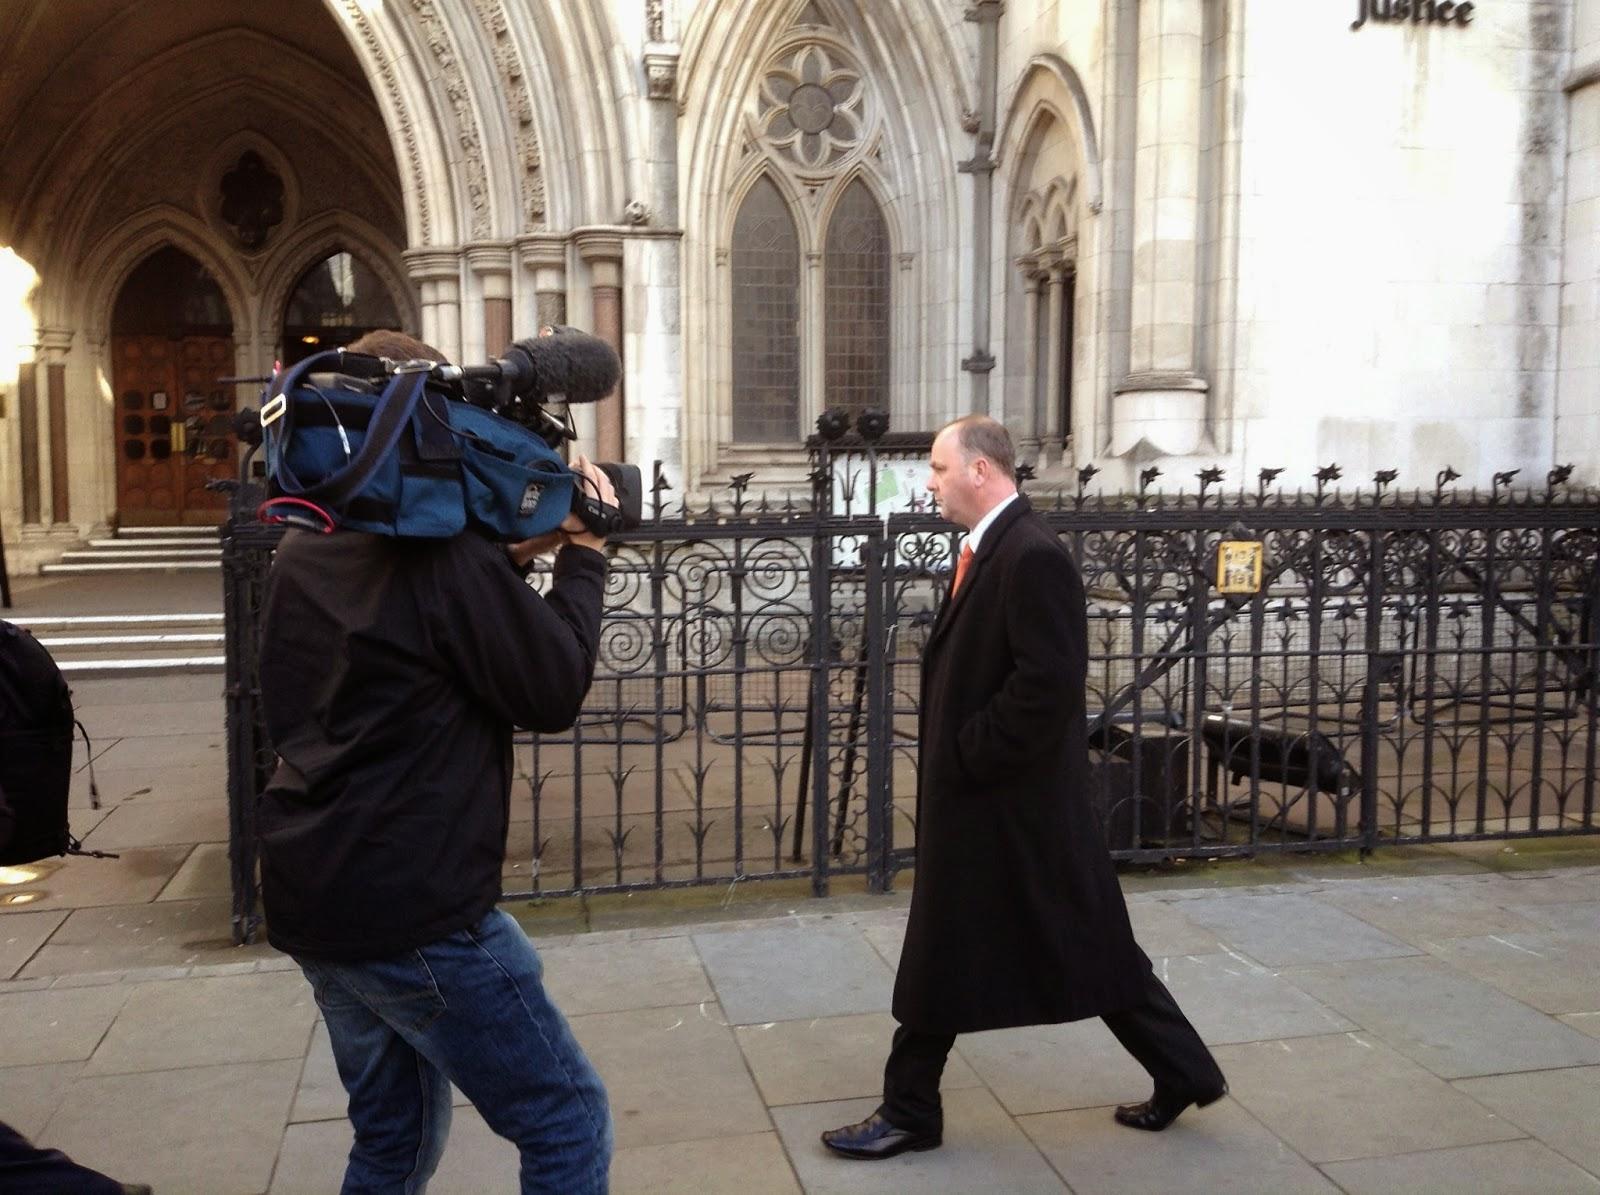 Parking Prankster Parkingeye V Beavis Court Of Appeal